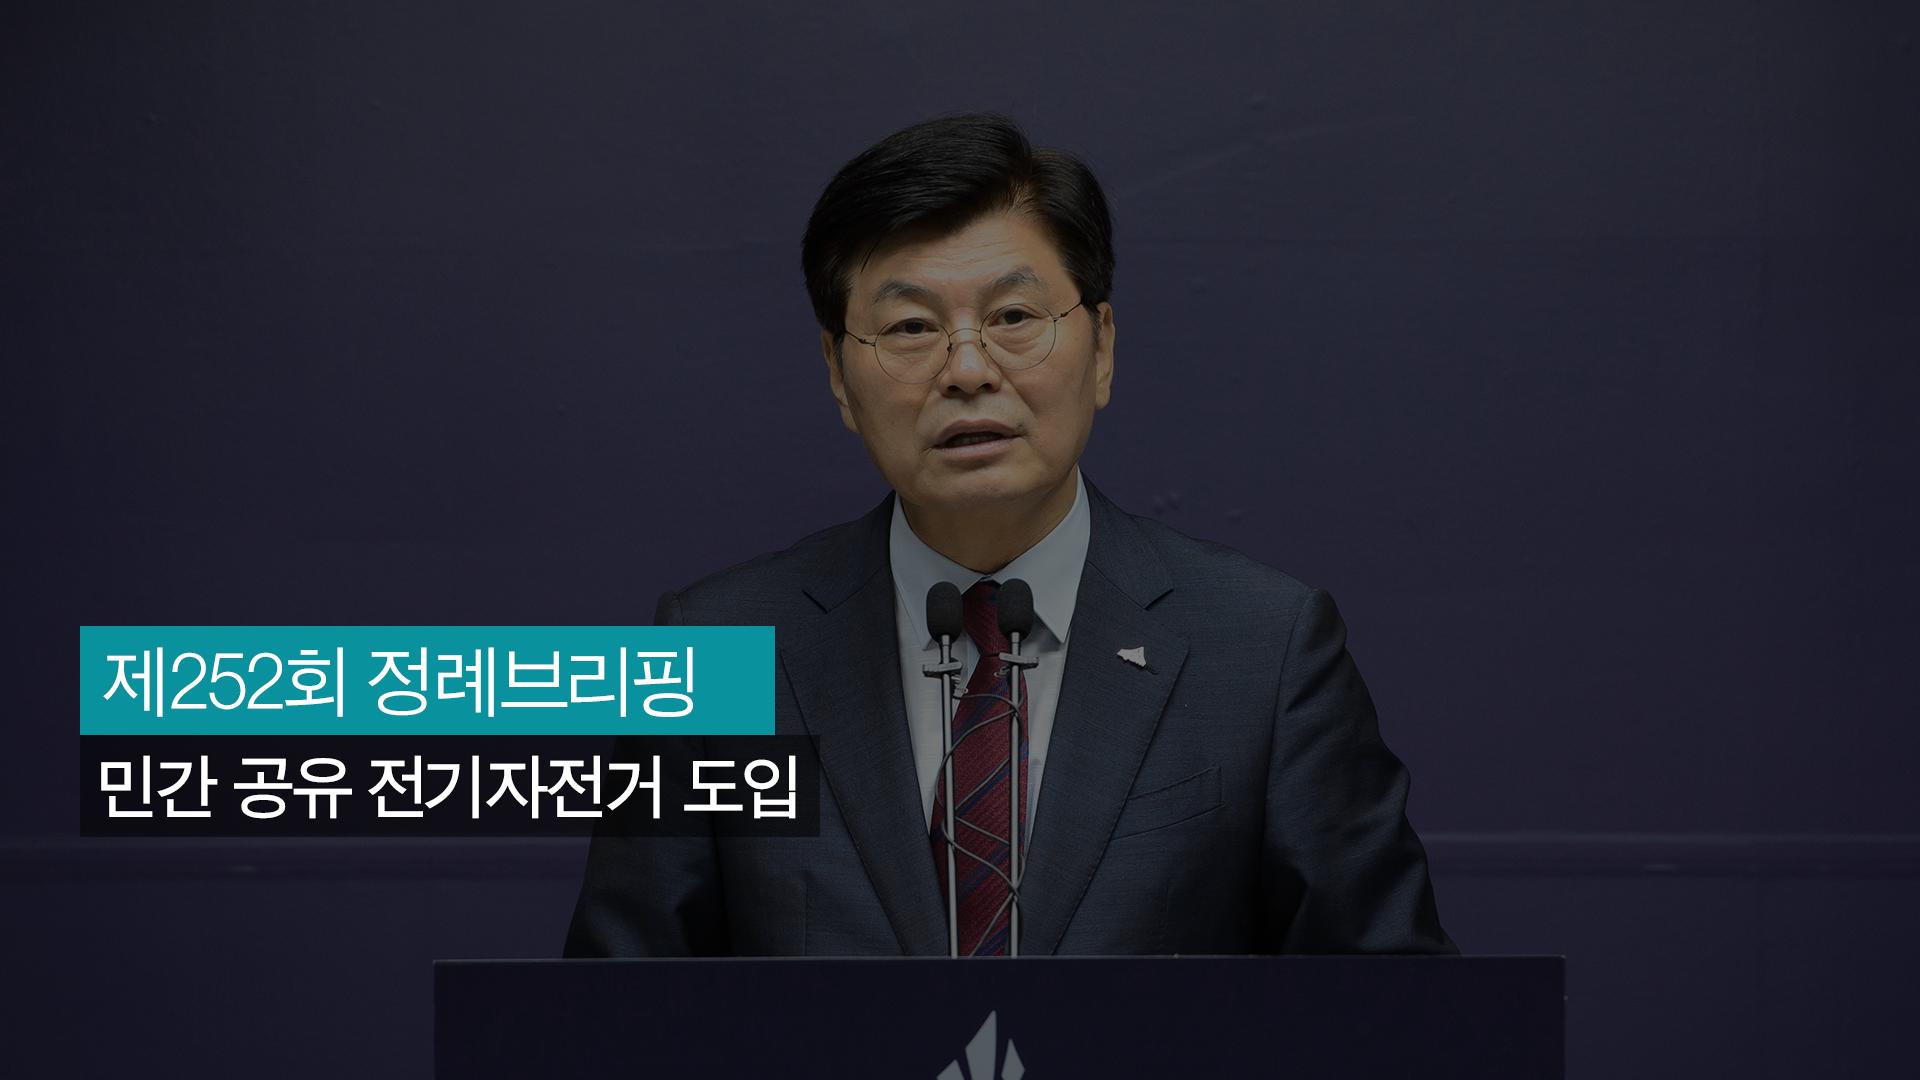 <252번째 정례브리핑> 민간 공유 전기자전거 도입